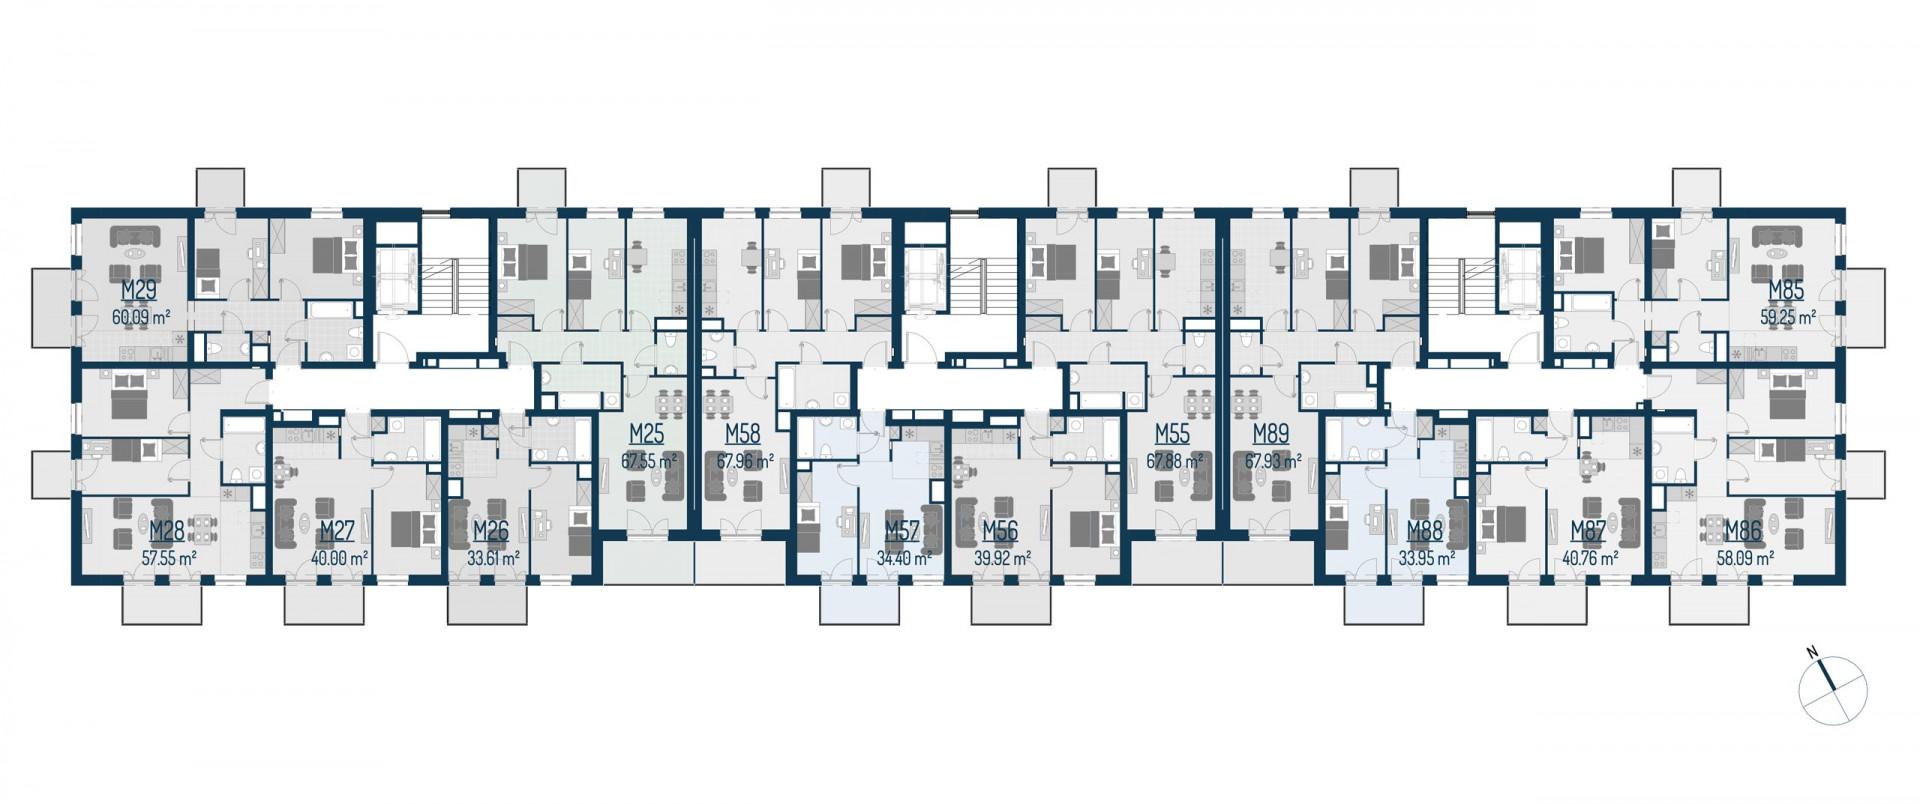 Zdrowe Stylove / budynek 1 / mieszkanie nr M29 rzut 2